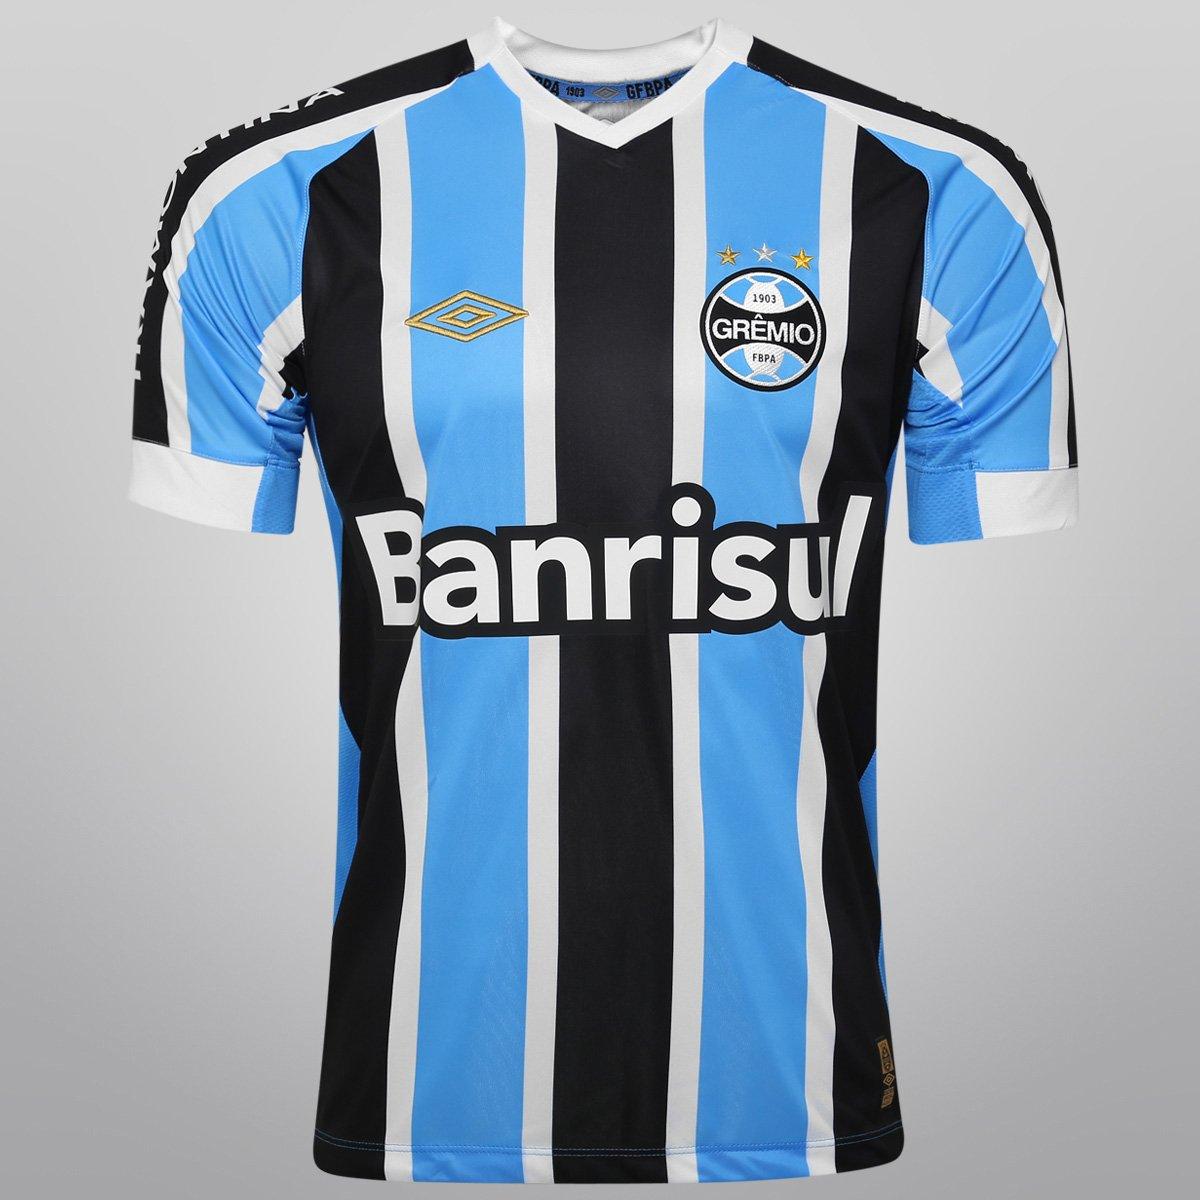 9633cd90bf Camisa Umbro Grêmio I 2015 s nº - Compre Agora